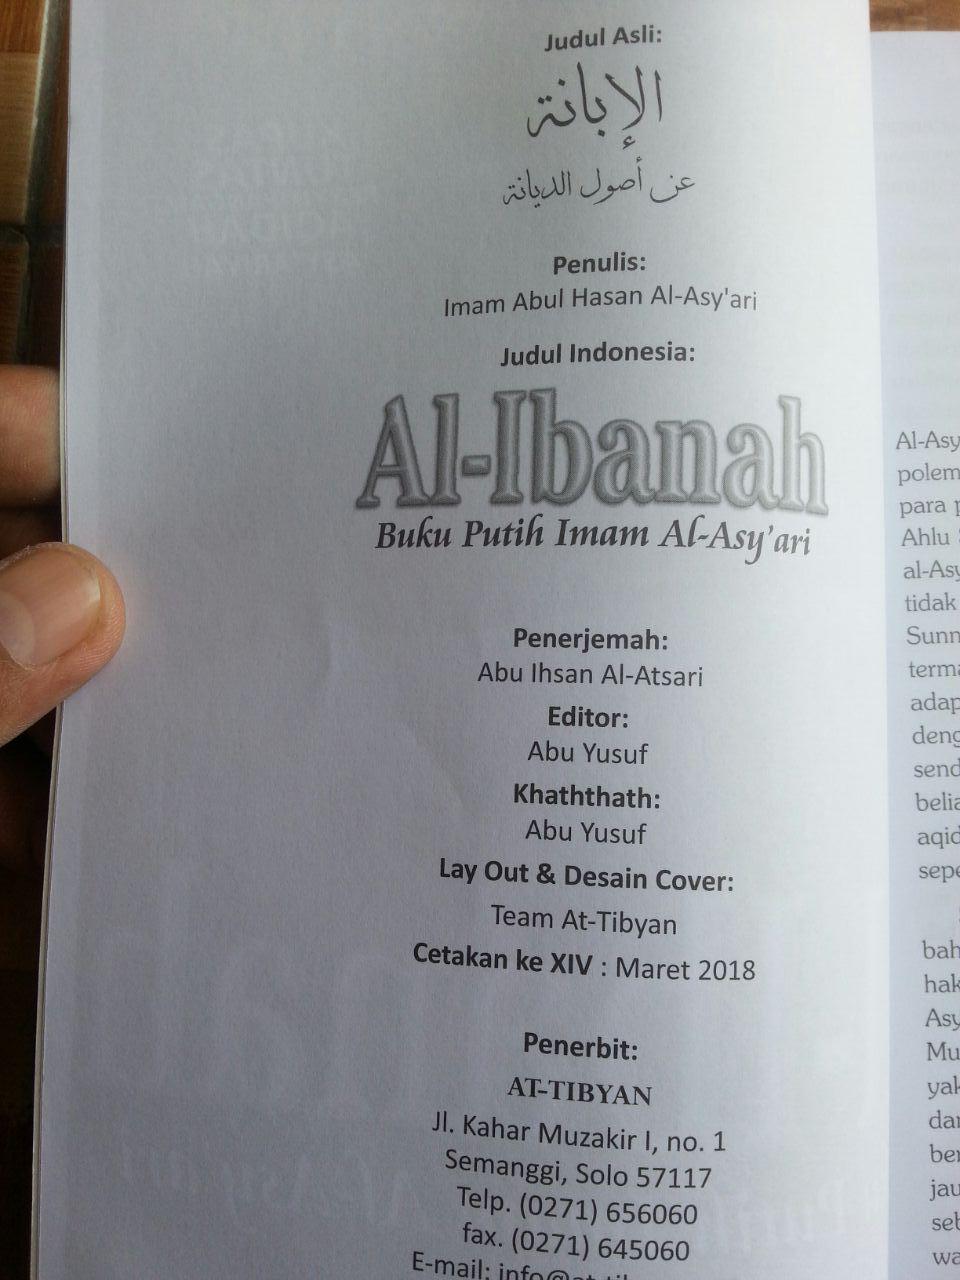 Buku Putih Imam Al-Asy'ari Al-Ibanah isi